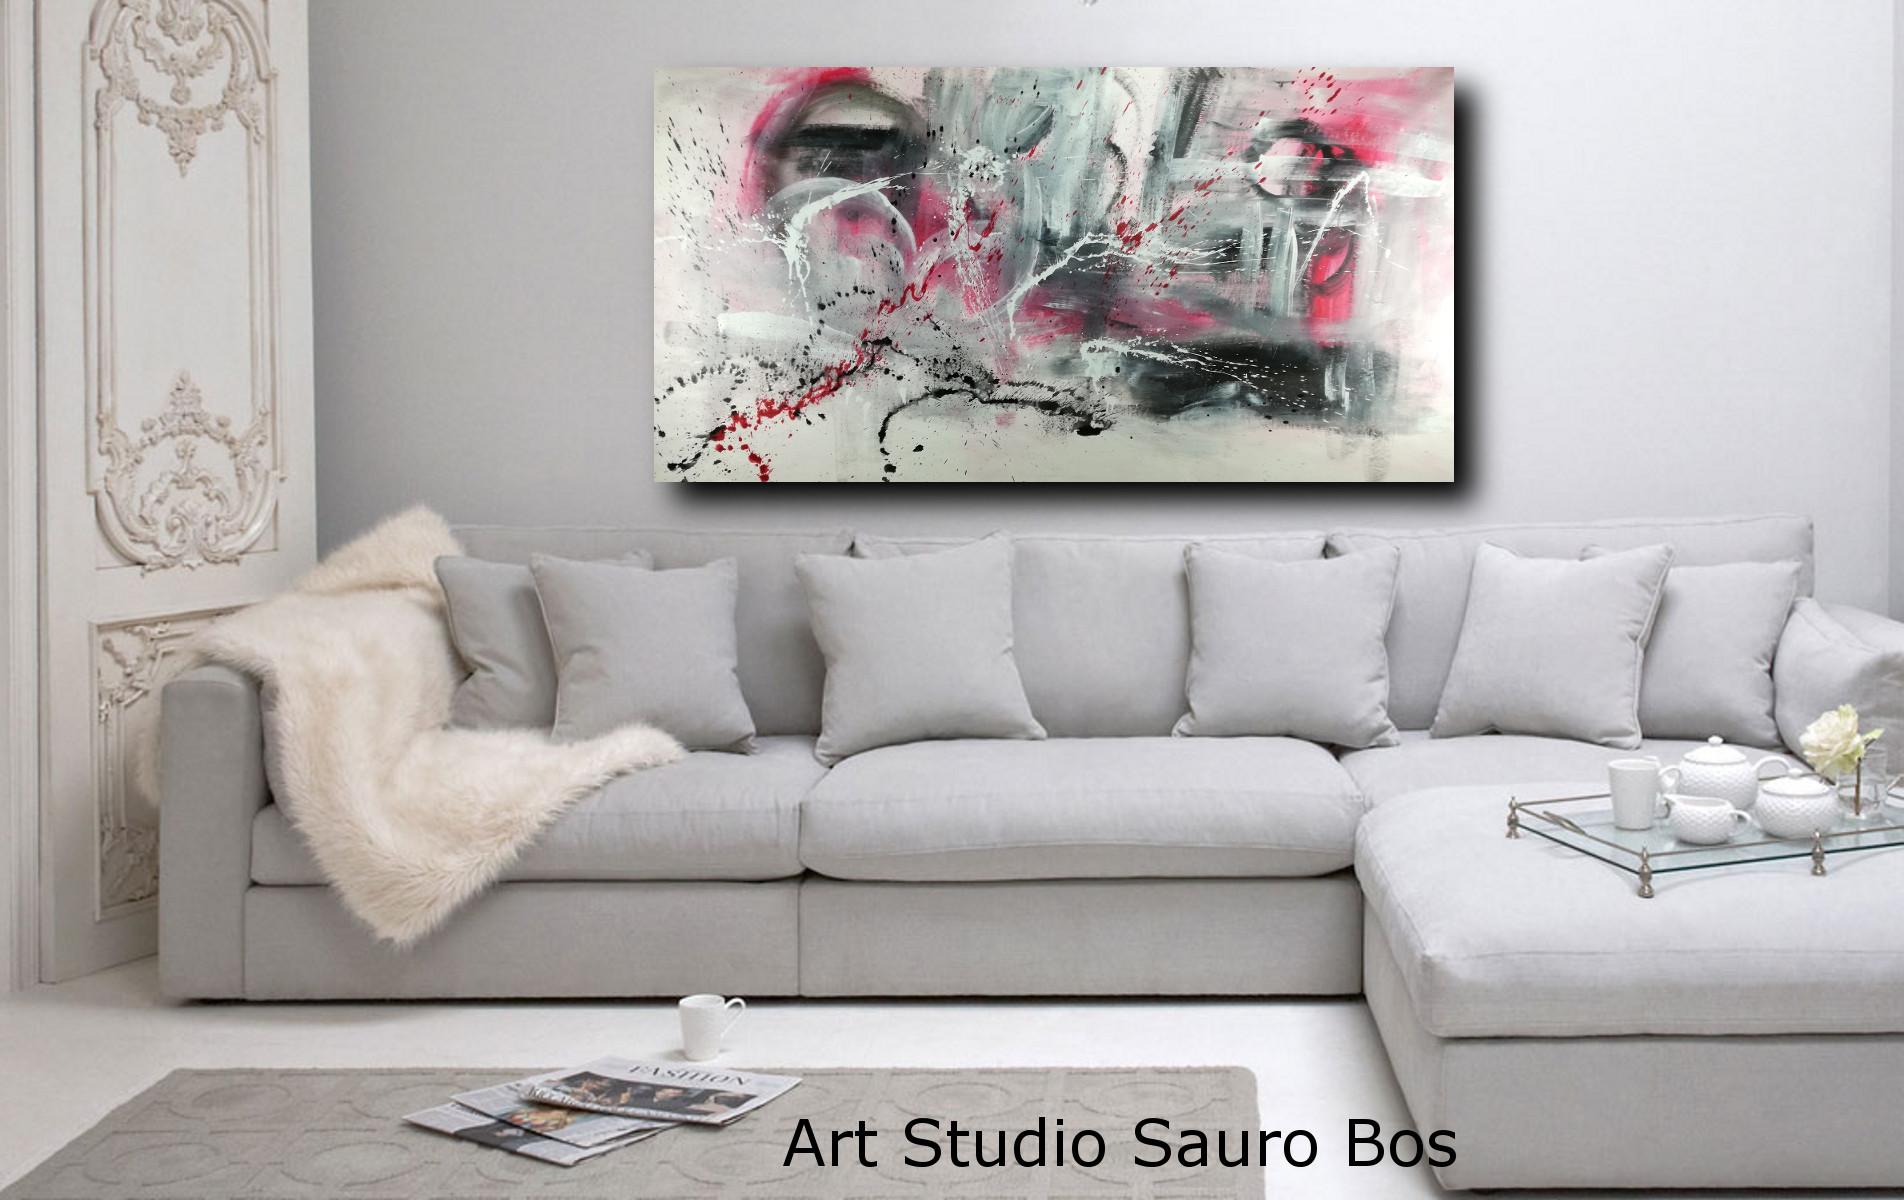 Lupia quadro moderno 5 pezzi in legno vogue 66x115 cm finestra inl tramonto. Dipinto Astratto Moderno Per Soggiorno 200x100